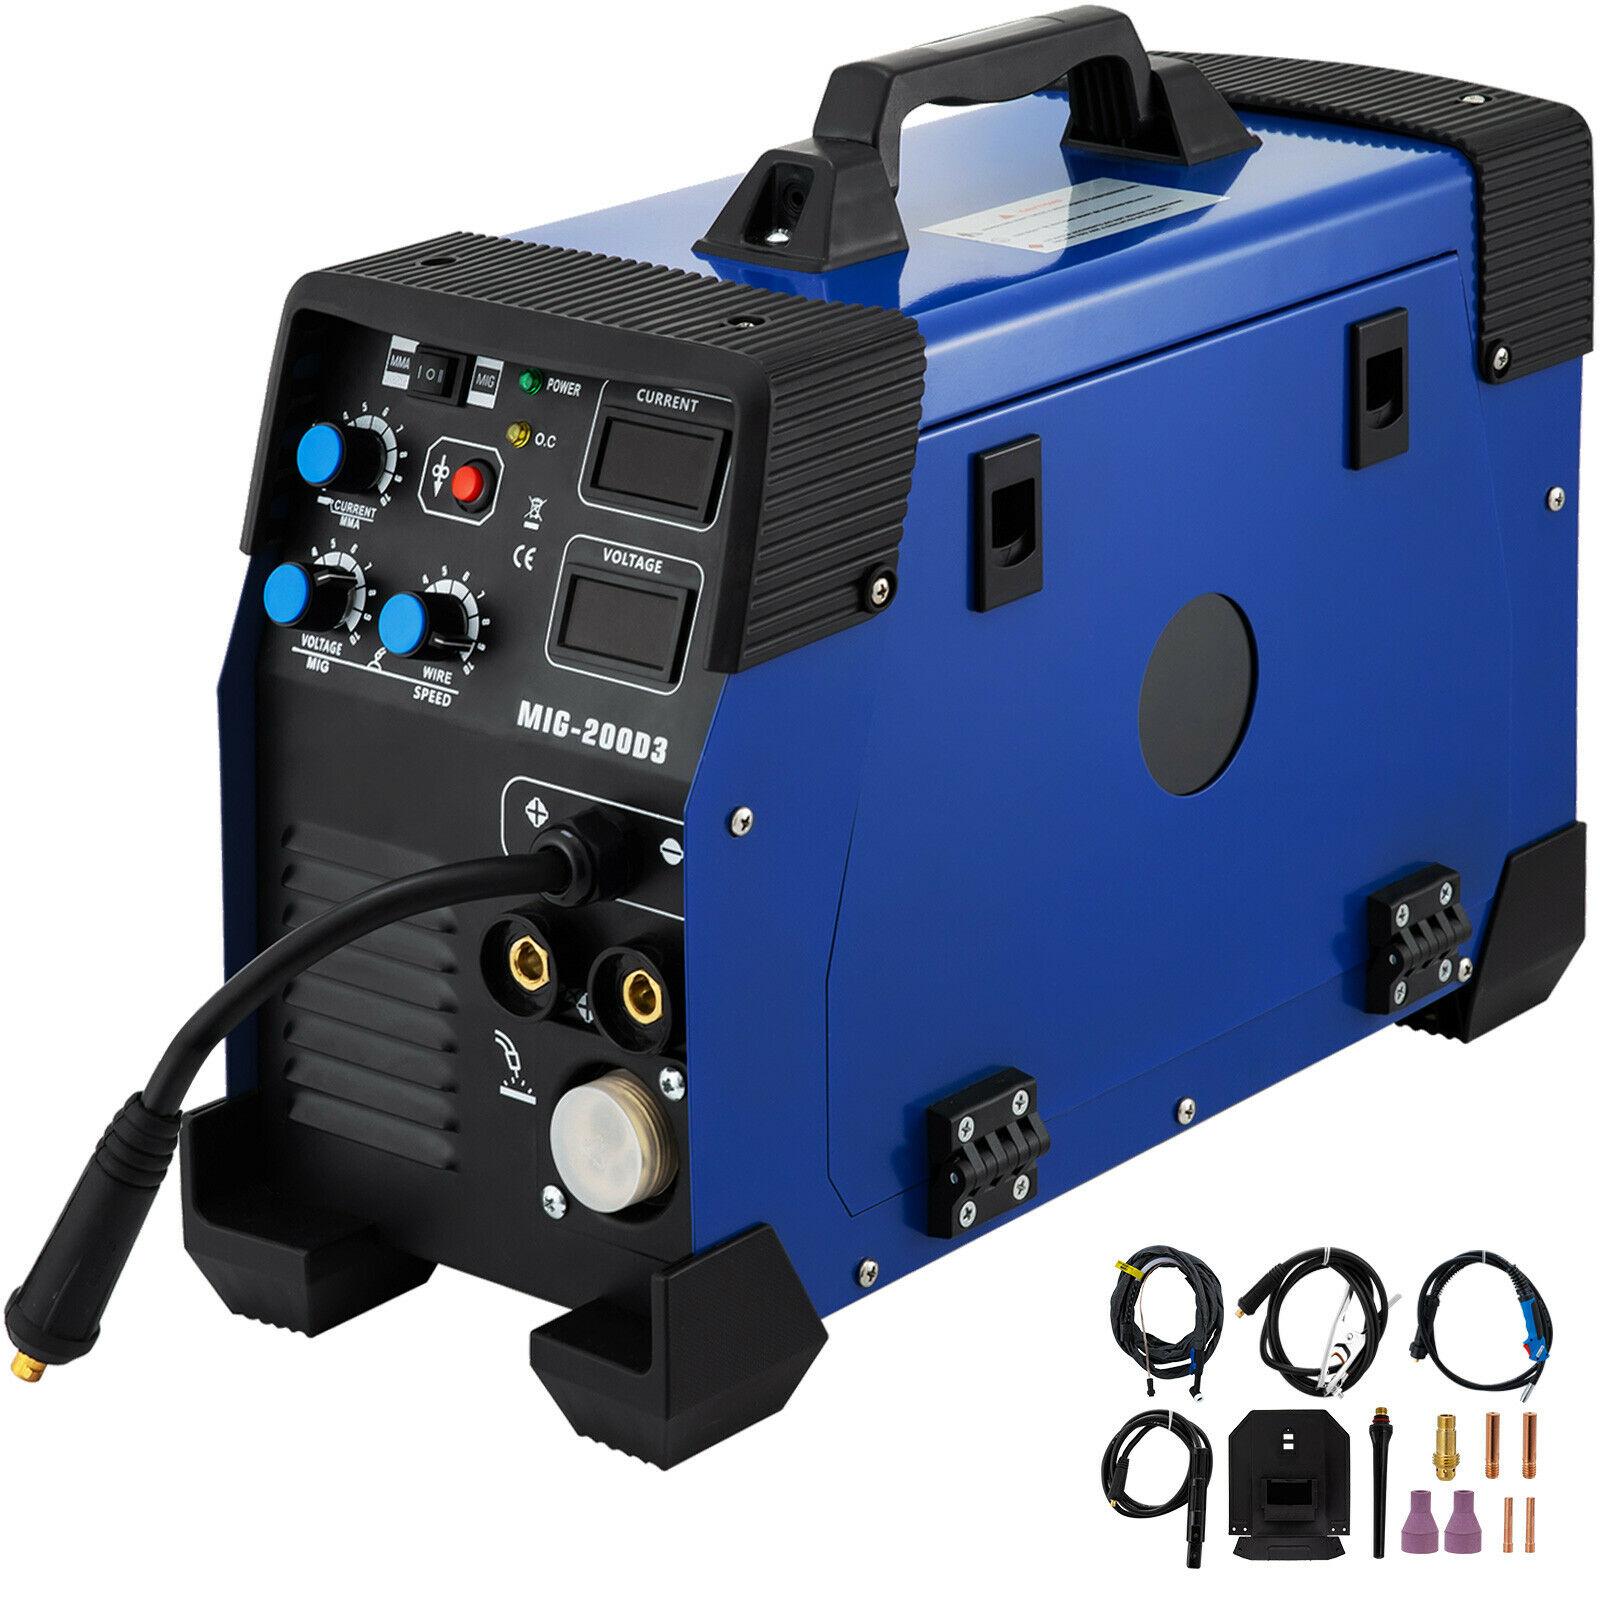 5 In 1 MIG / MAG / TIG / FLUX / MMA Inverter Welder 200Amp Combo Welding Machine Spot Welder